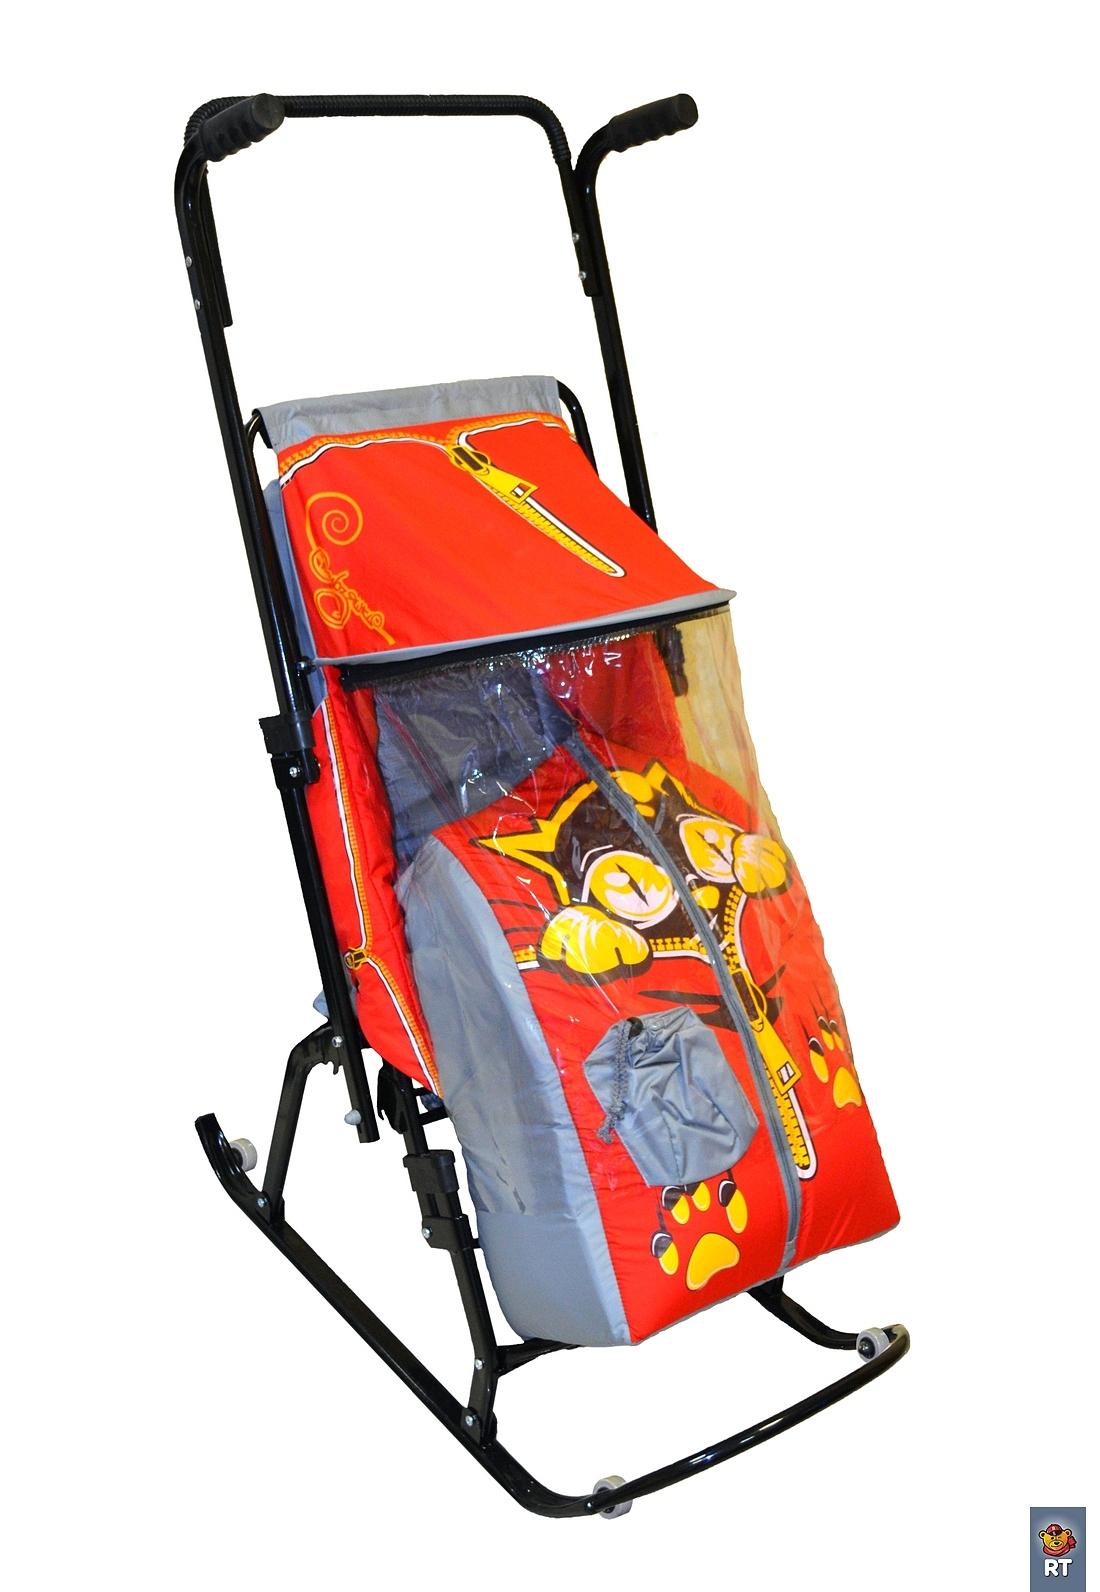 Санки-коляска Снегурочка-4-Р Котенок, цвет: серый-красныйСанки и сани-коляски<br>Санки-коляска Снегурочка-4-Р Котенок, цвет: серый-красный<br>